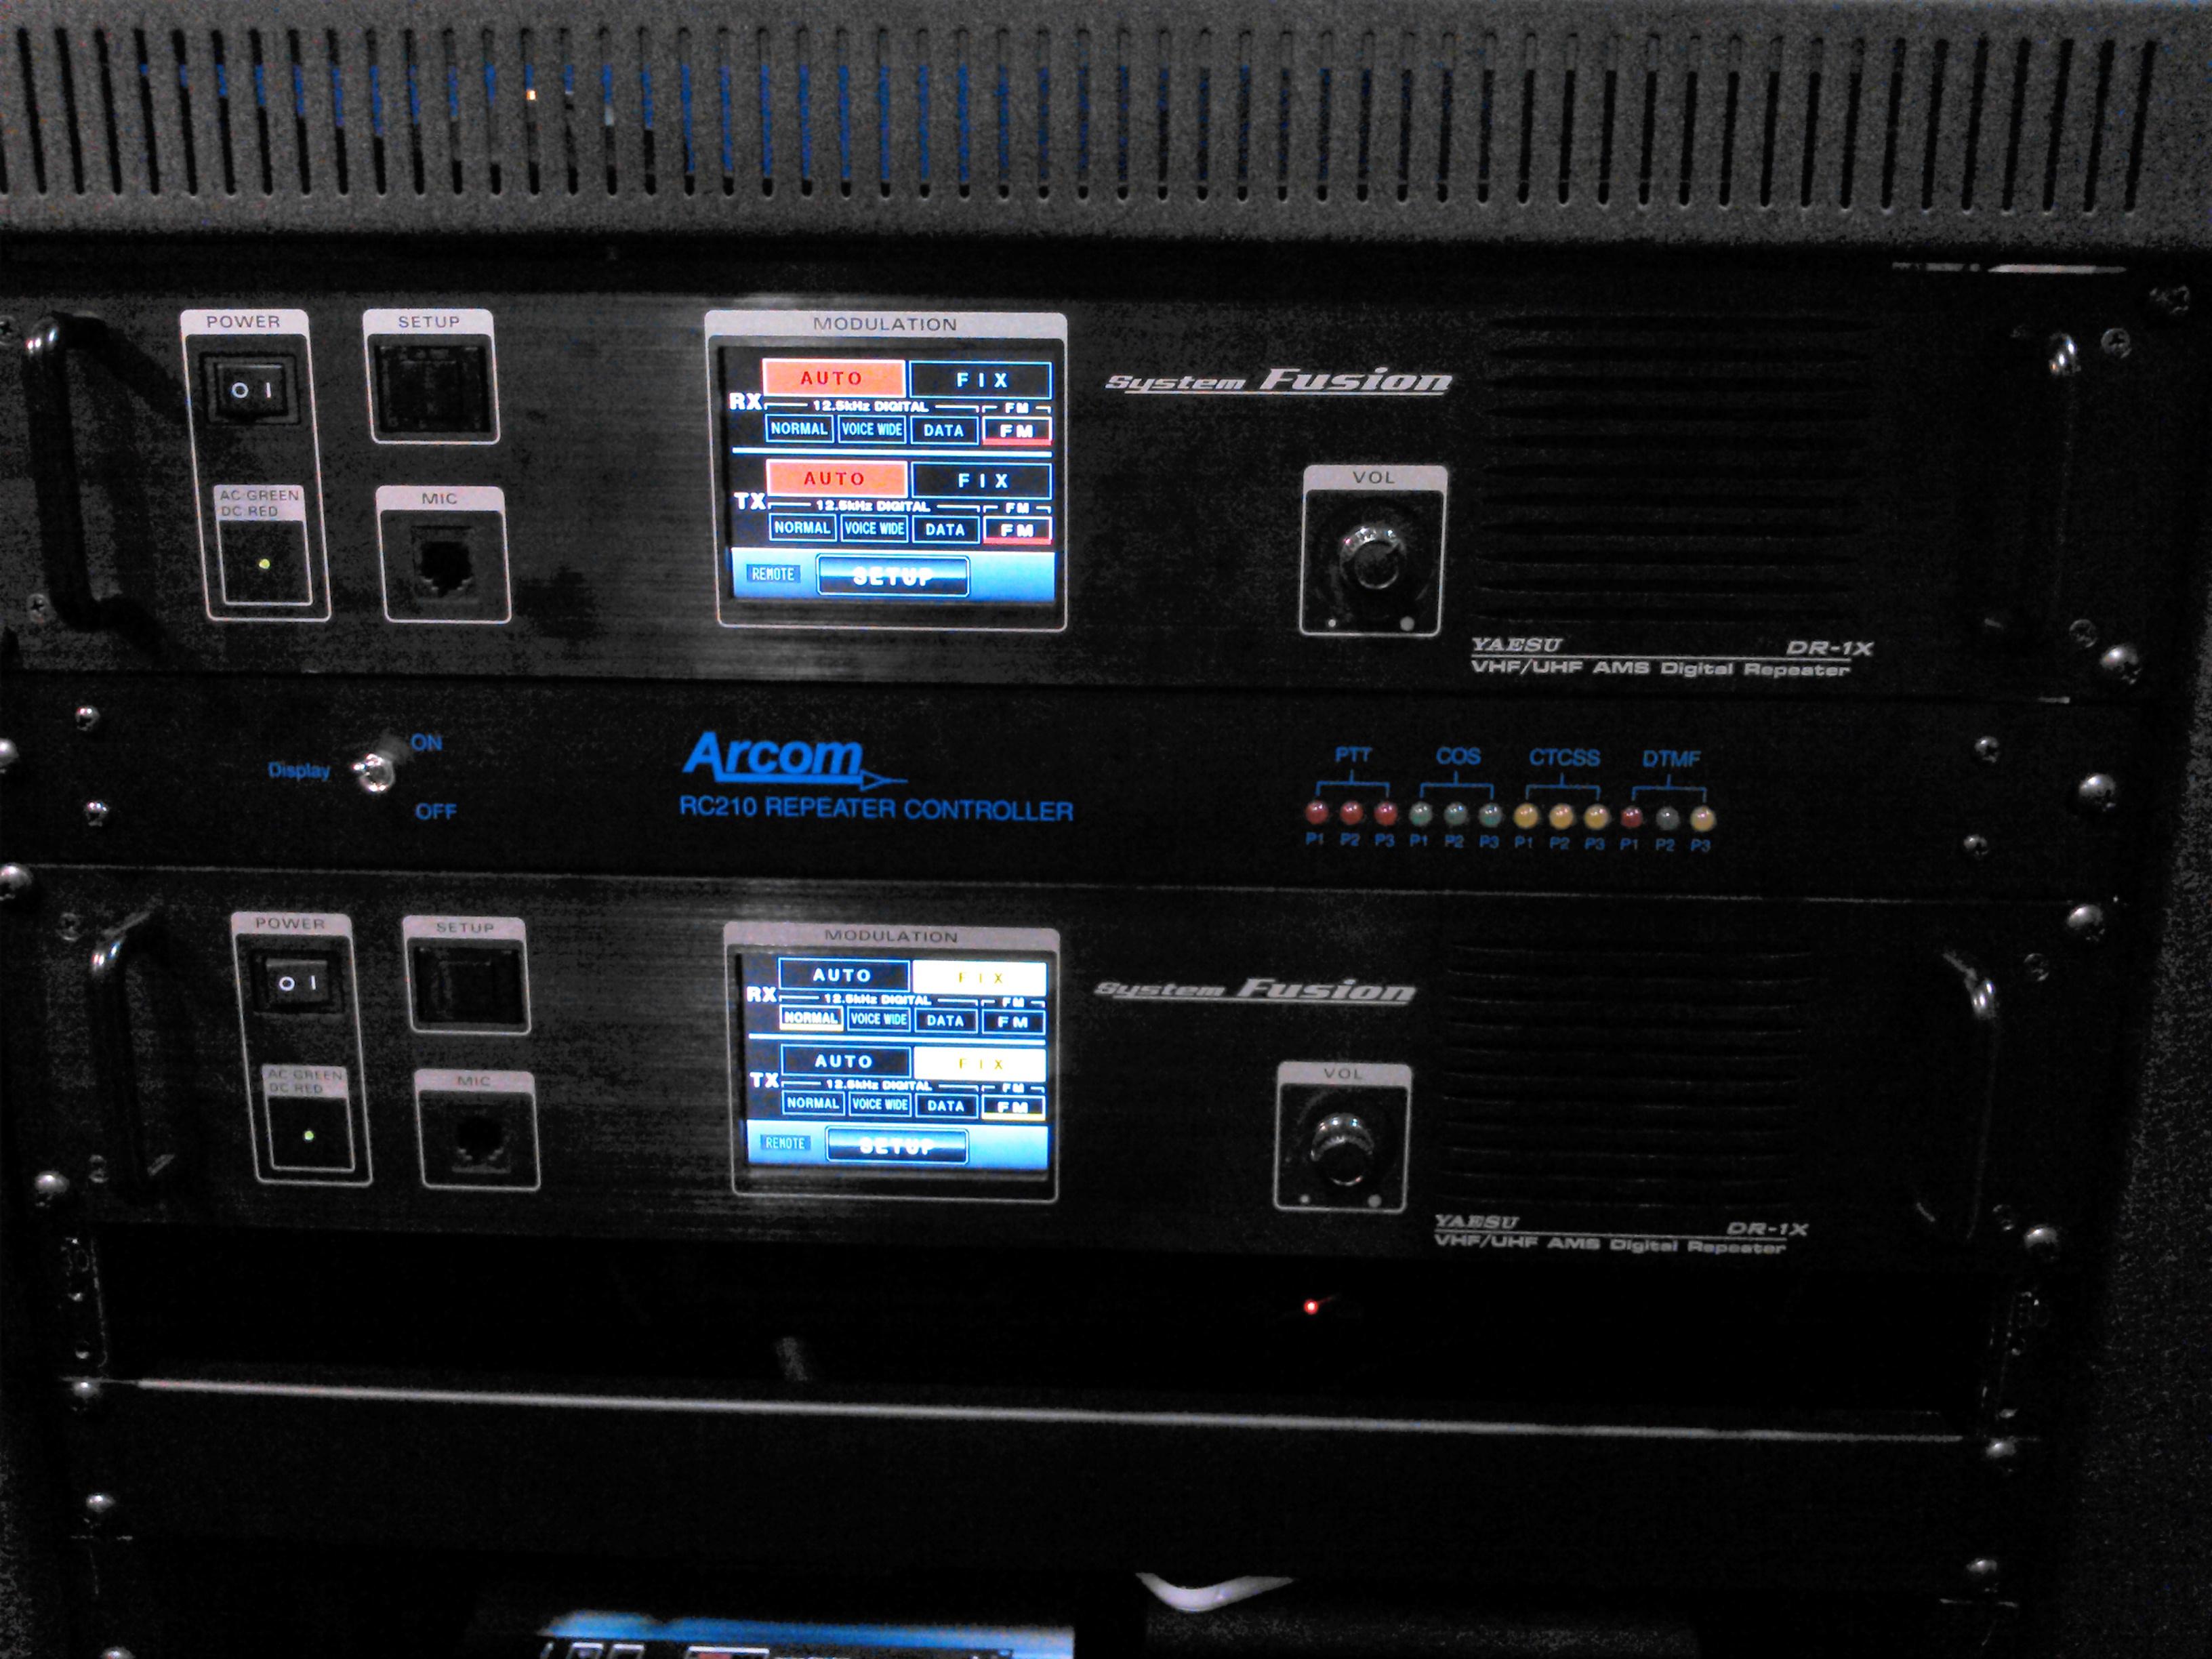 Digital / Analog dual band repeater